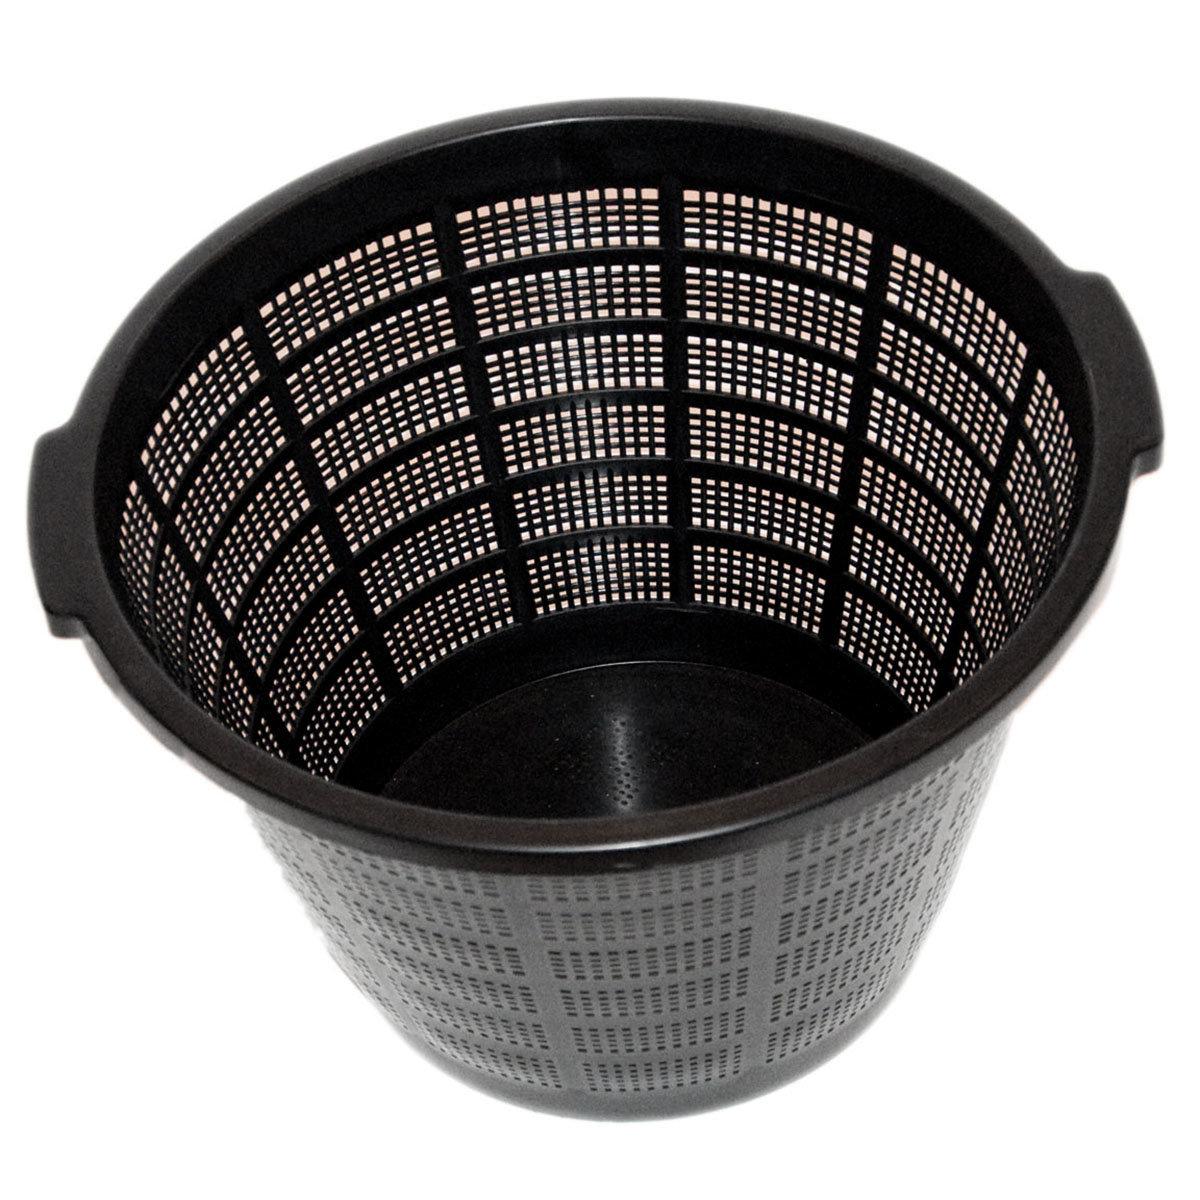 Seerosenkorb, 28x43x43cm, schwarz